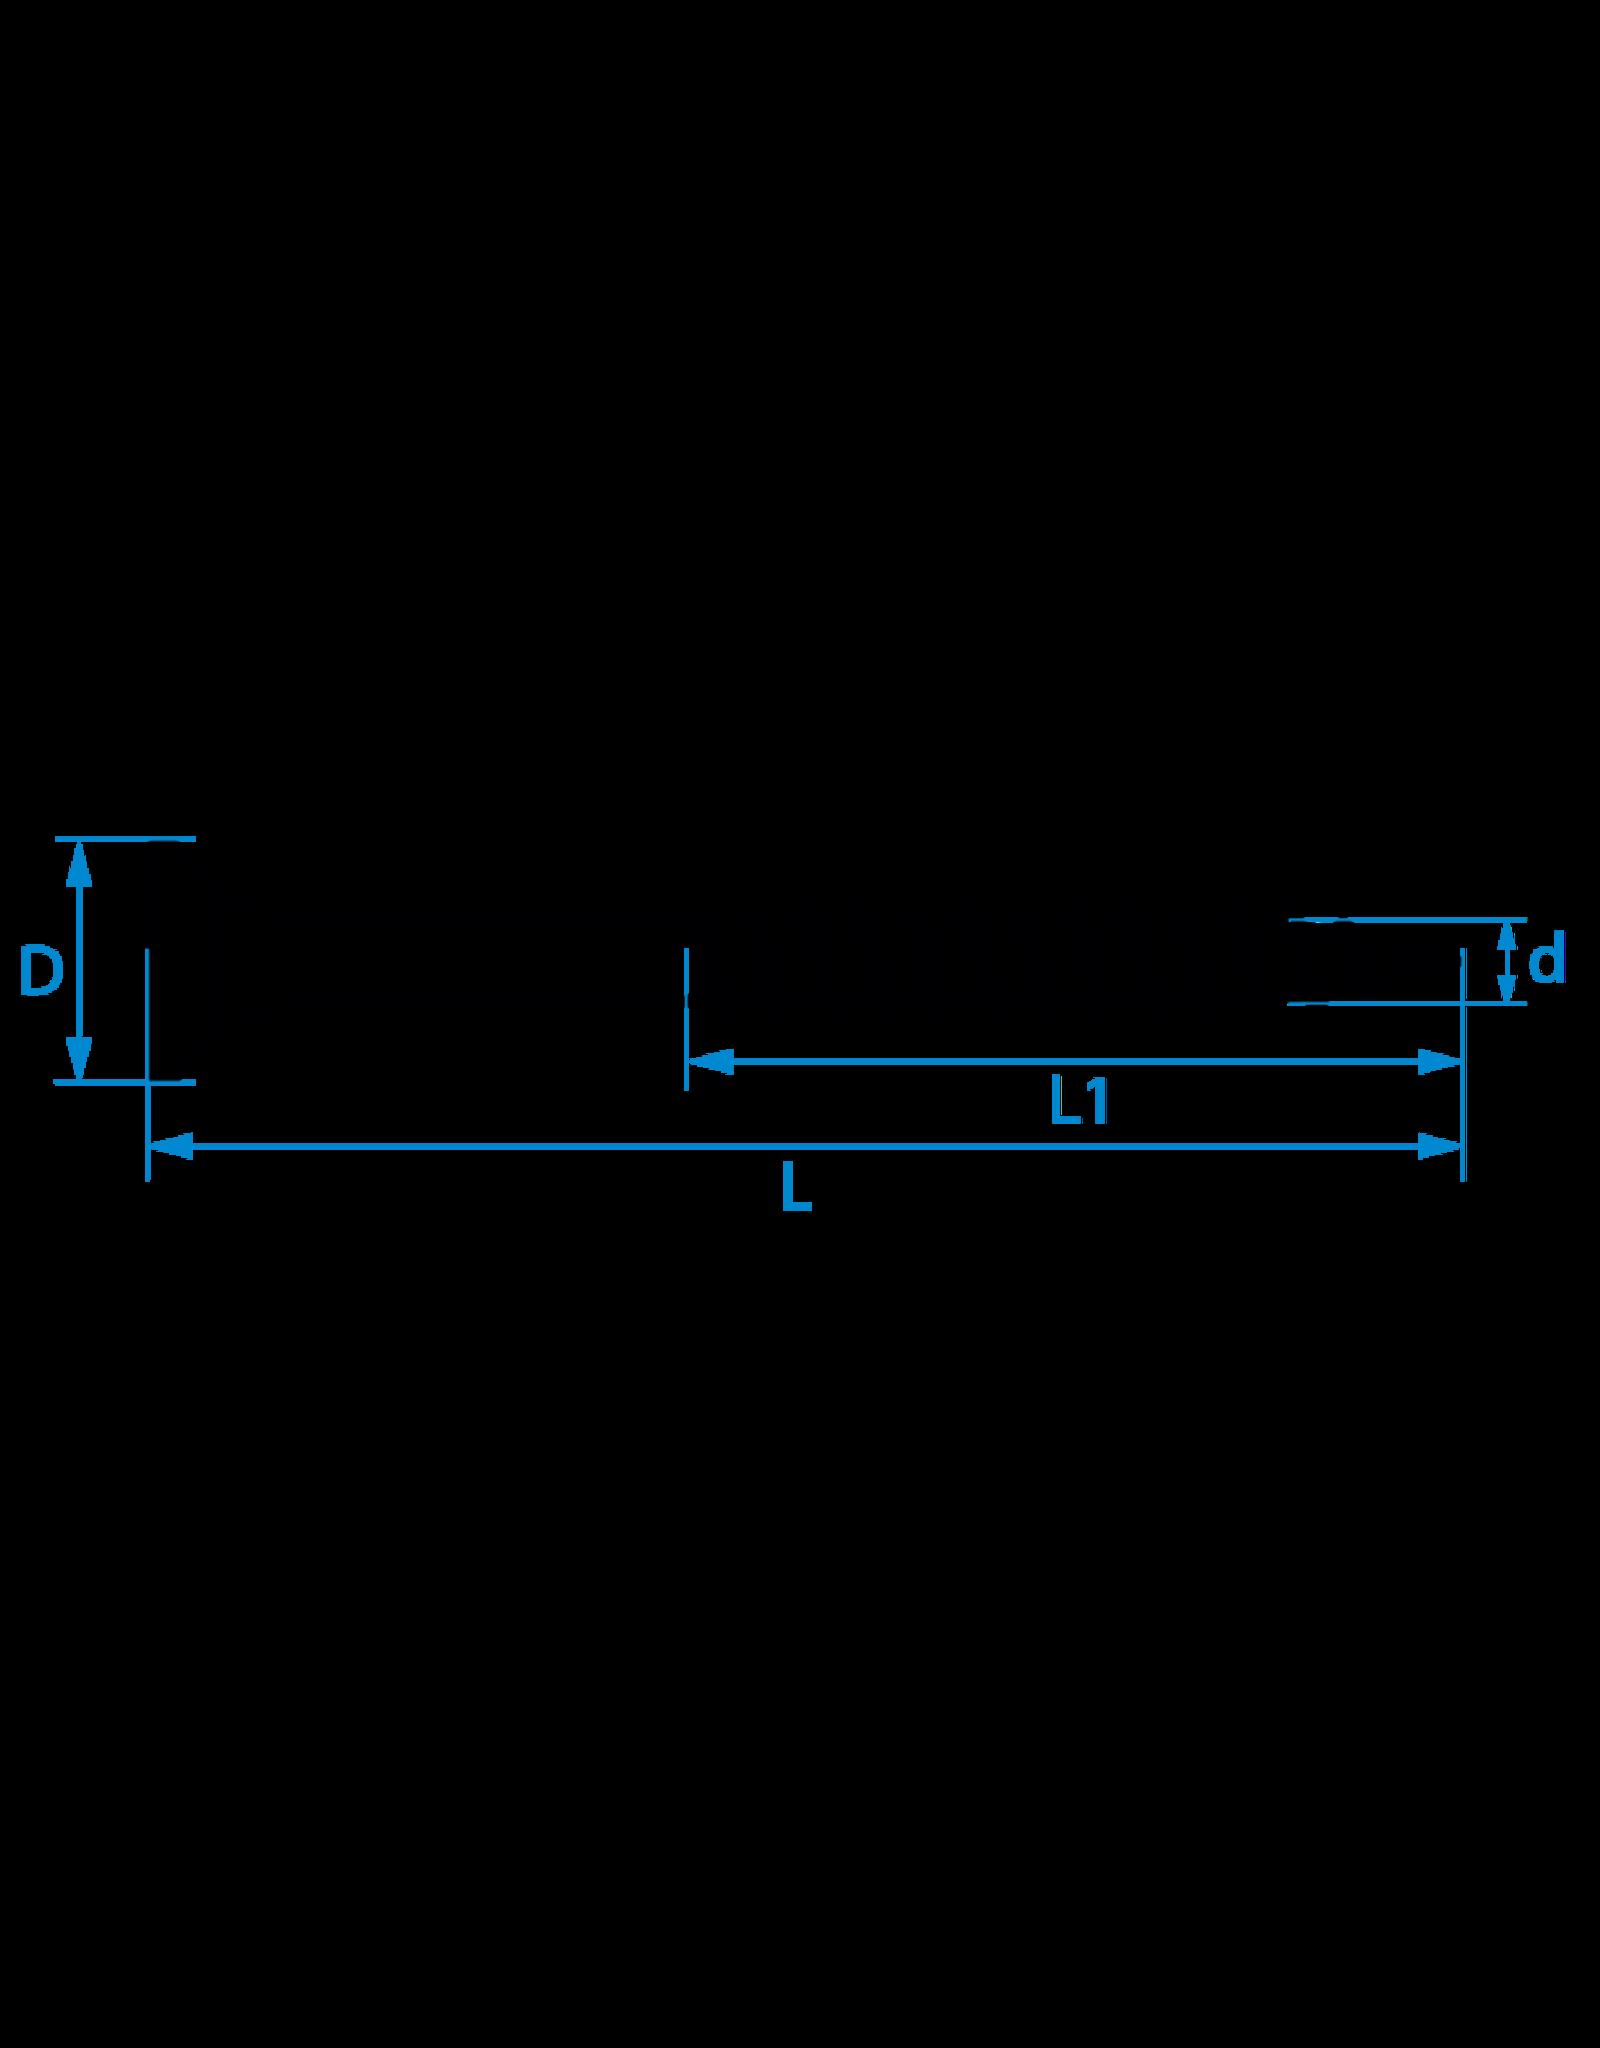 Spaanplaatschroeven platkop deeldraad 5.0x70/42 TX-25 staal gehard verzinkt per 200 stuks